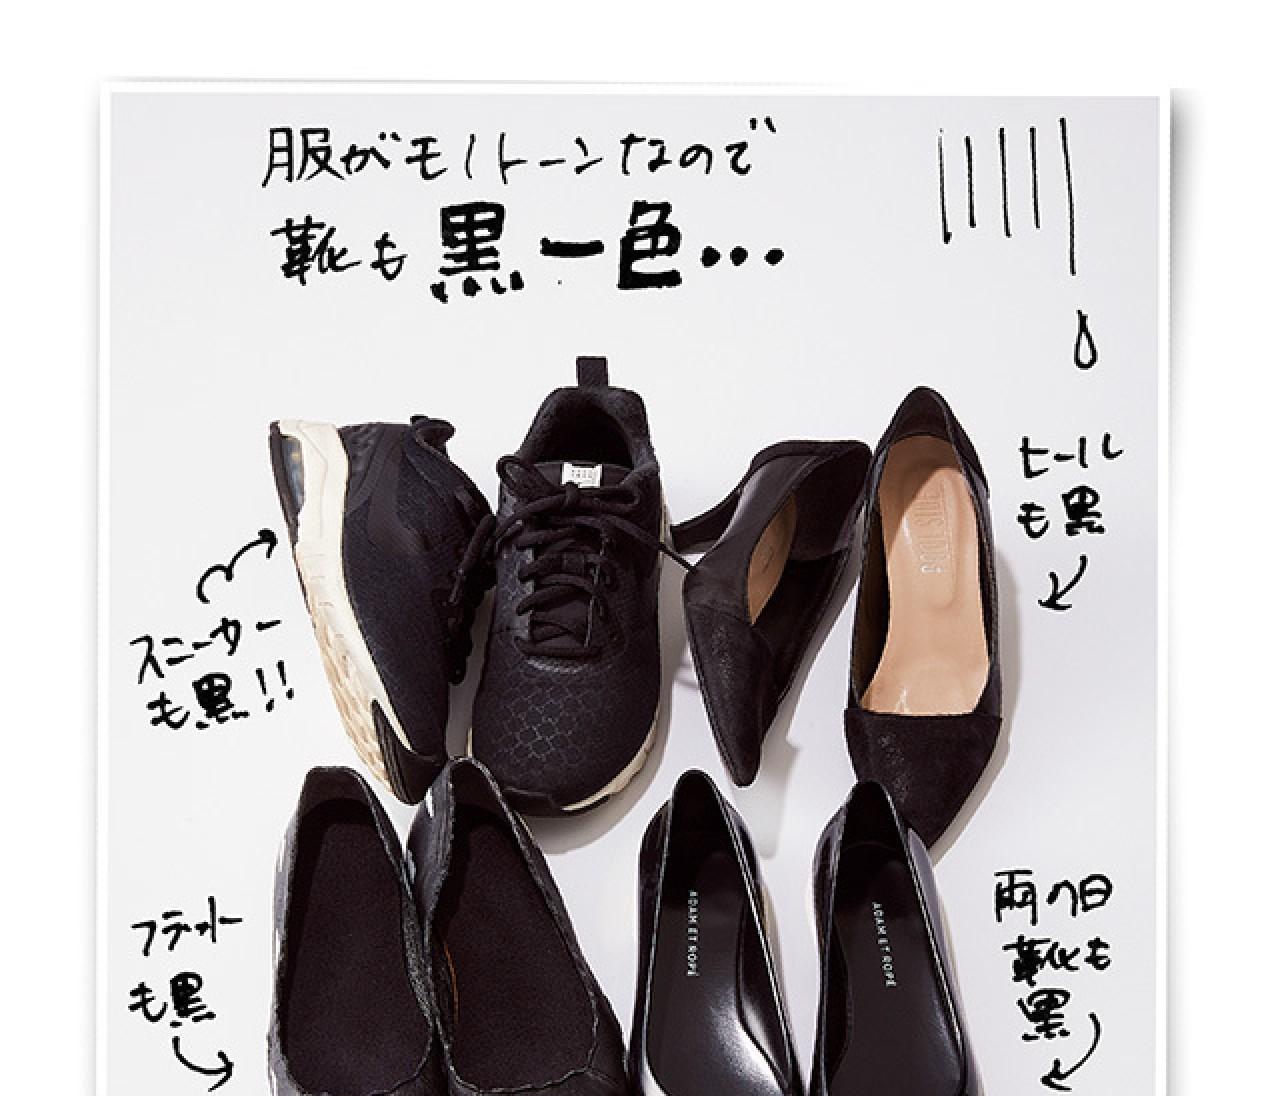 着回し力をダウンさせる【似た靴ばっかり症候群】4つの病状